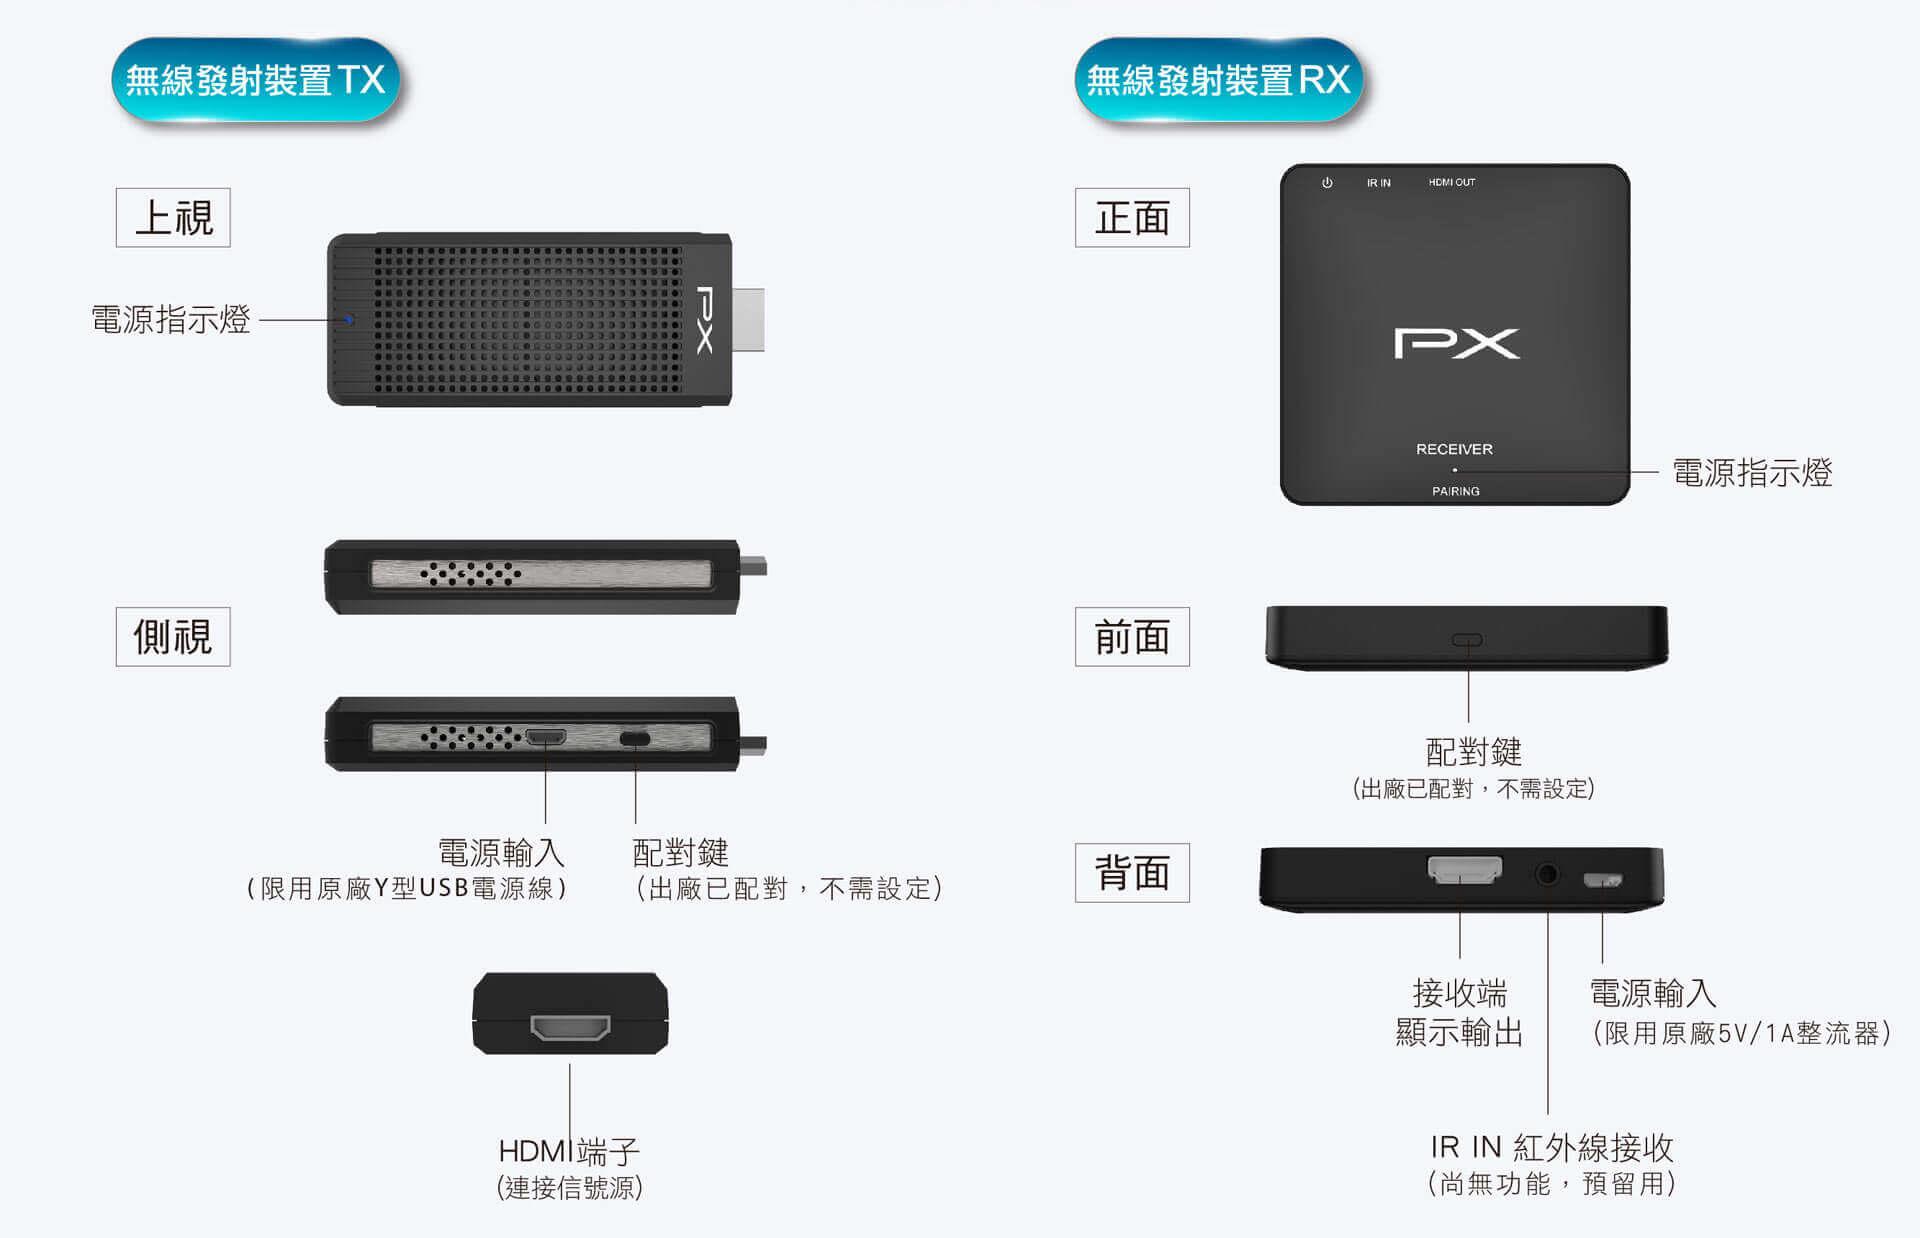 proimages/product/pro-02/pro02-004/WTR-5000/WTR-5000-17.jpg